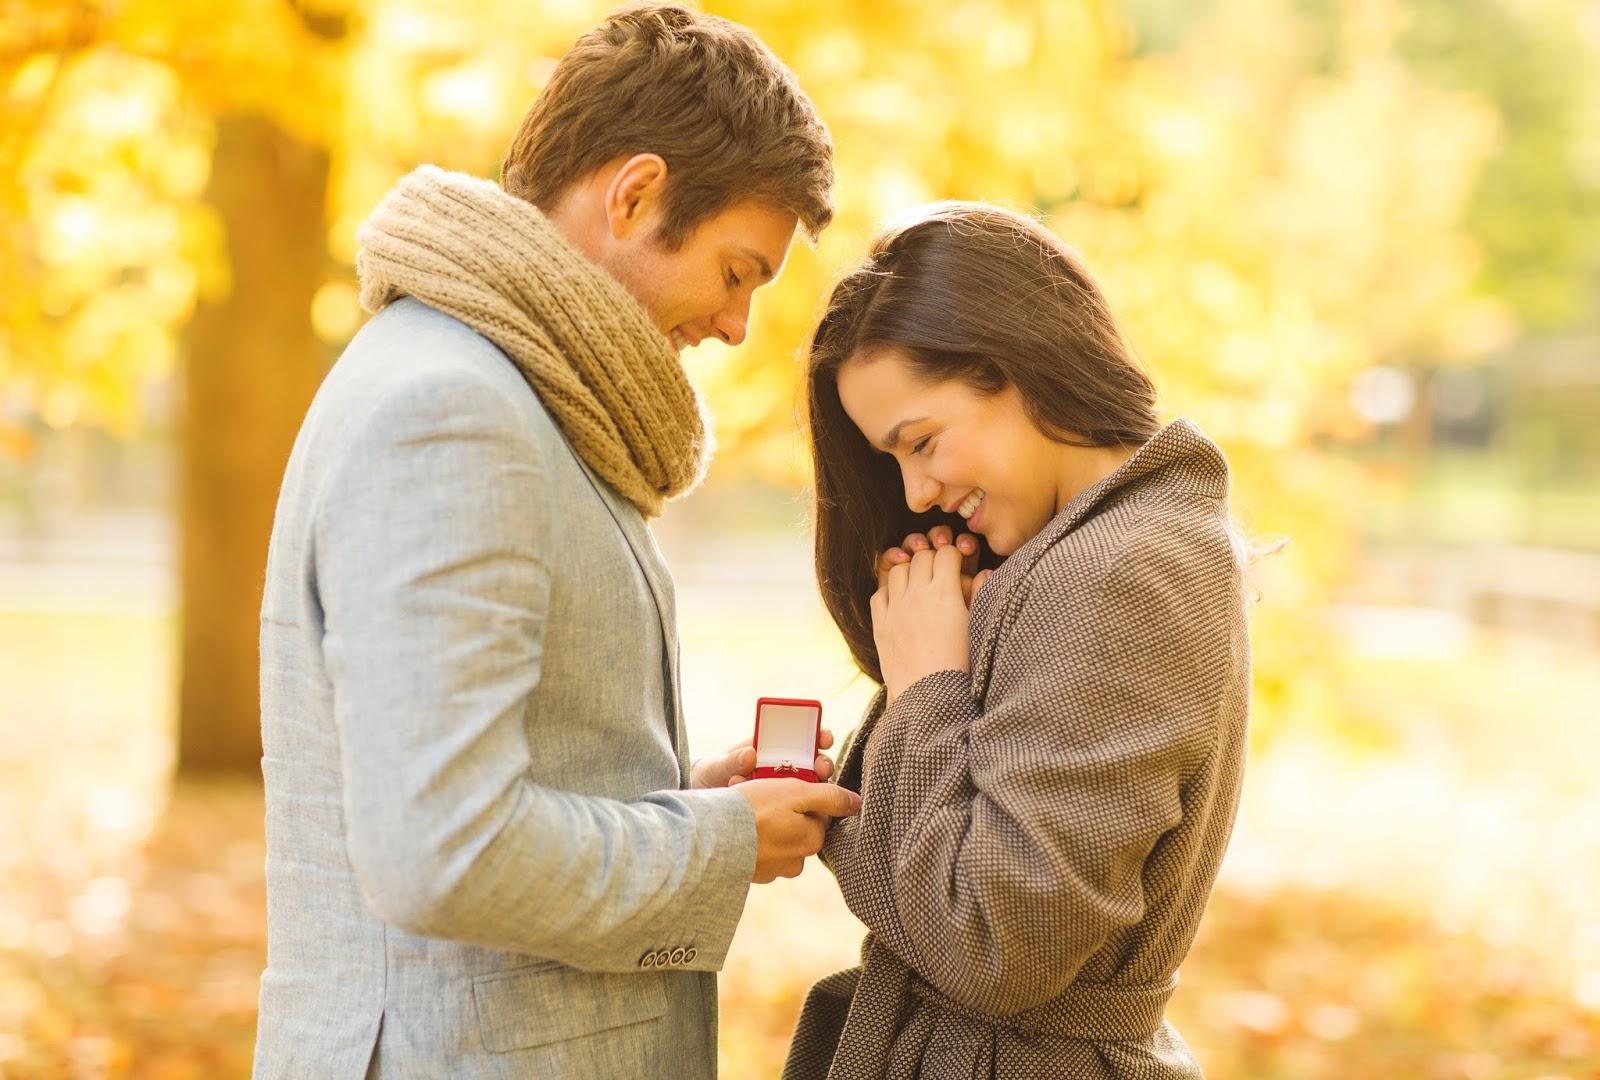 بالصور صور عشاق رومانسيه , اجمل صور الحب الرومانسية 3737 11